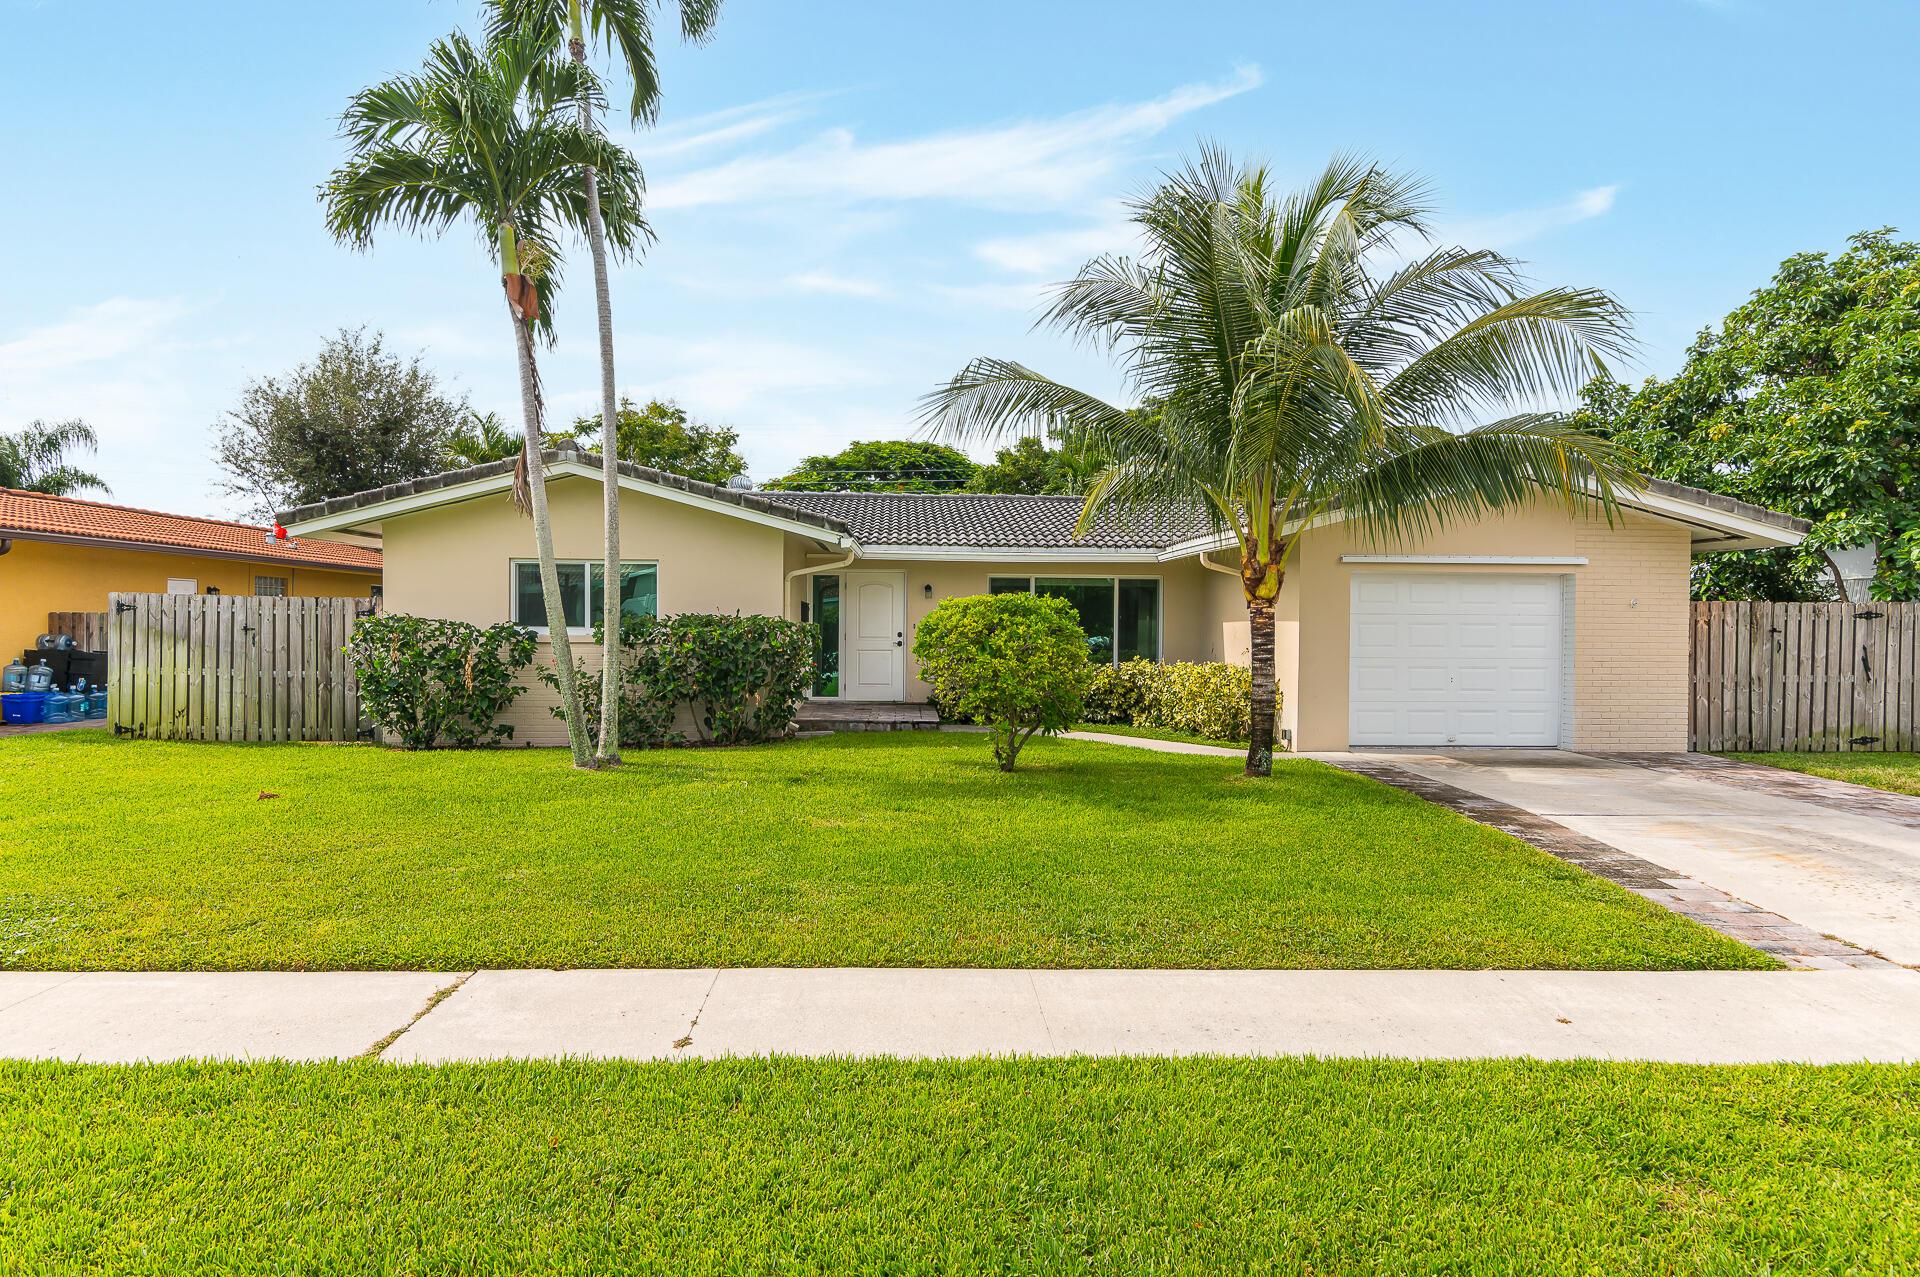 928 SW 5th Street, Boca Raton, FL 33486